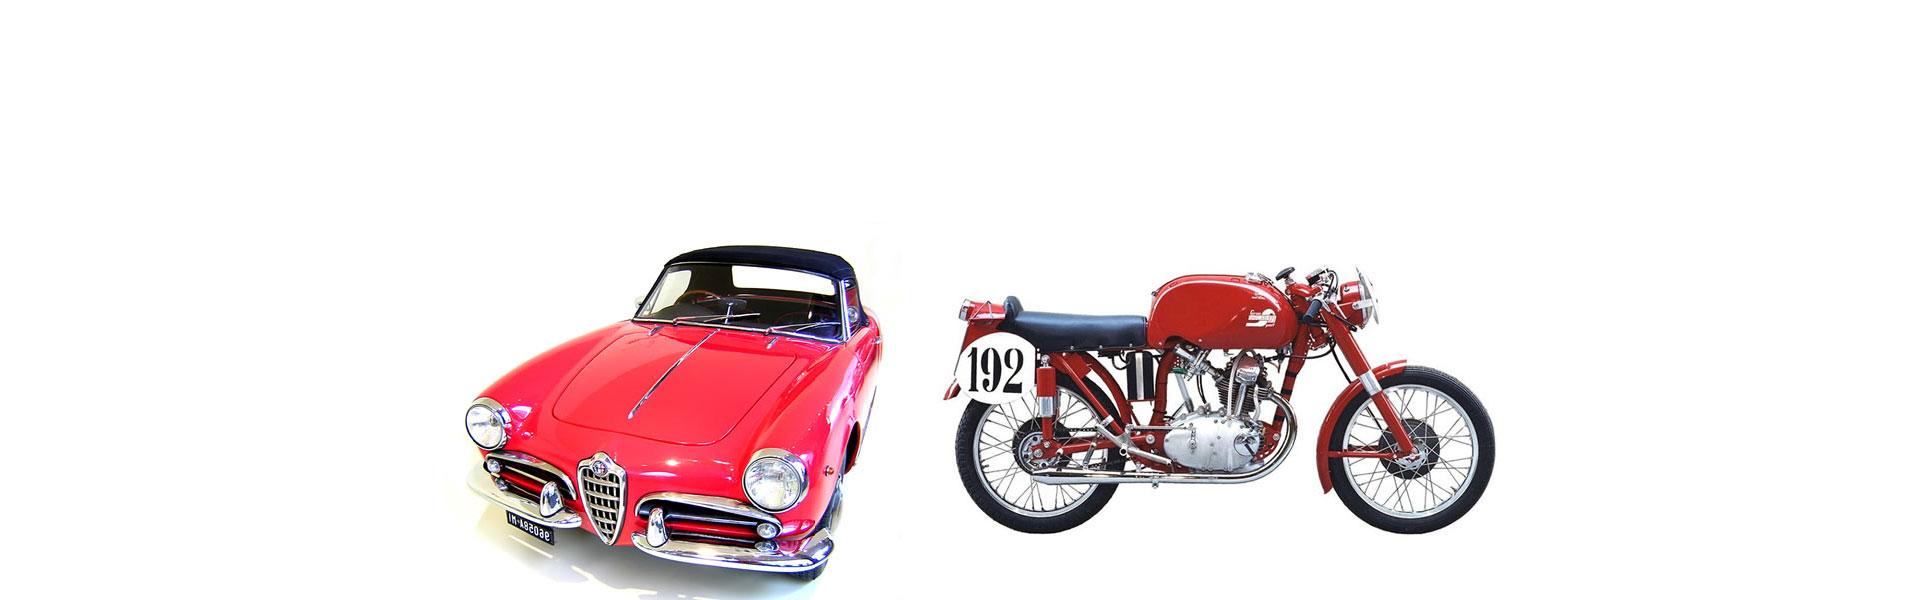 Moteur d 39 occasion renouvel riconstruit rectifi s et for Garage pret voiture